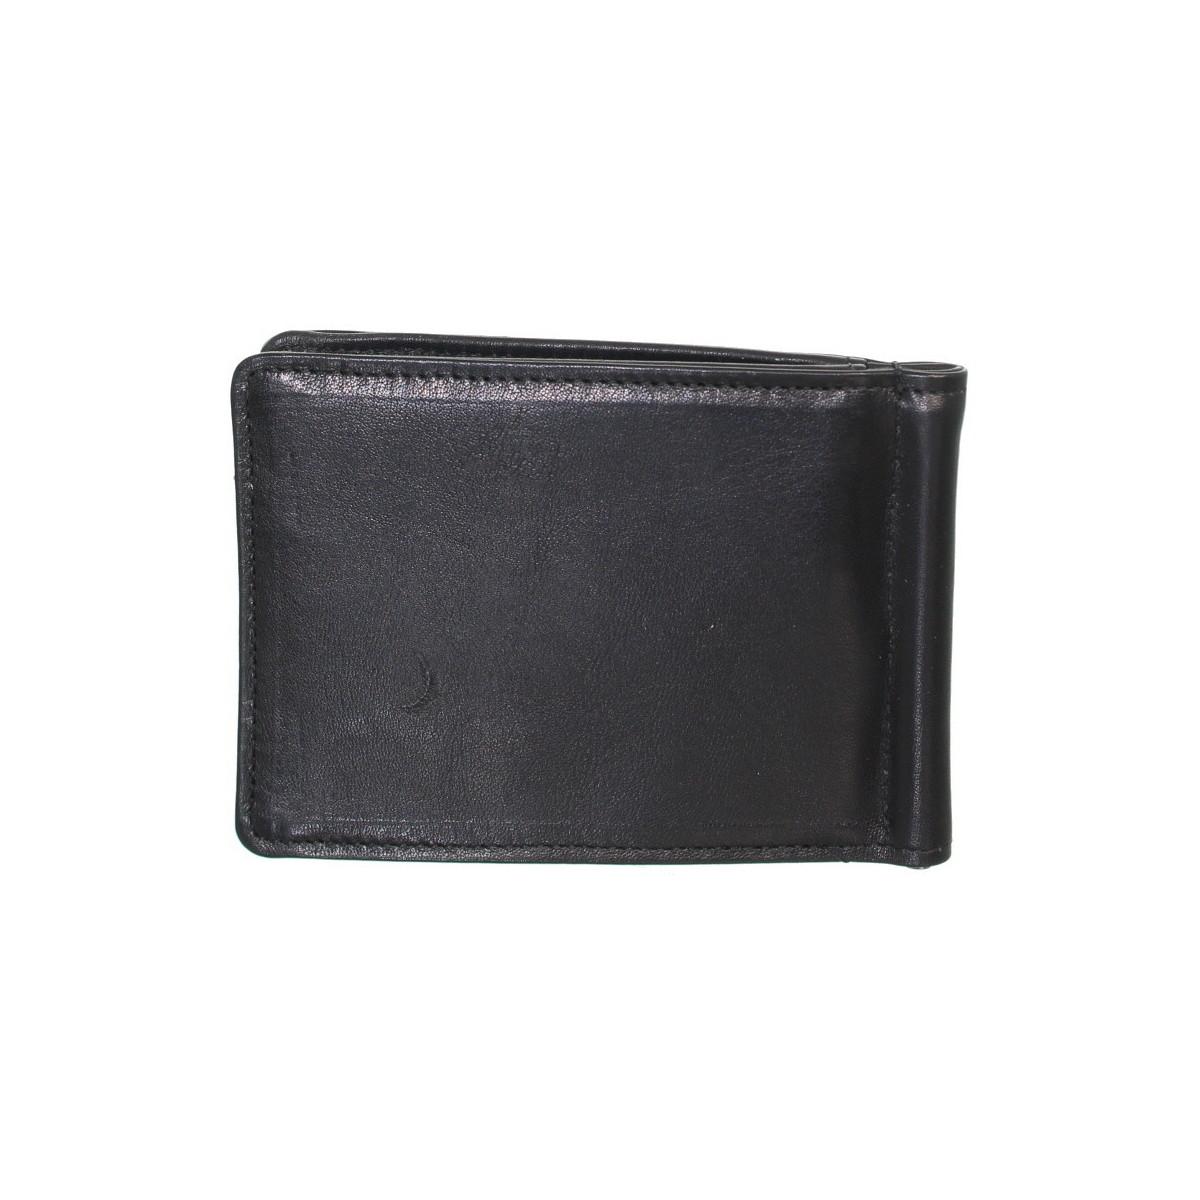 Arthur & Aston Porte-cartes Et En Cuir Ref_ast42541 Noir - Sacs Portefeuilles 34,31 €